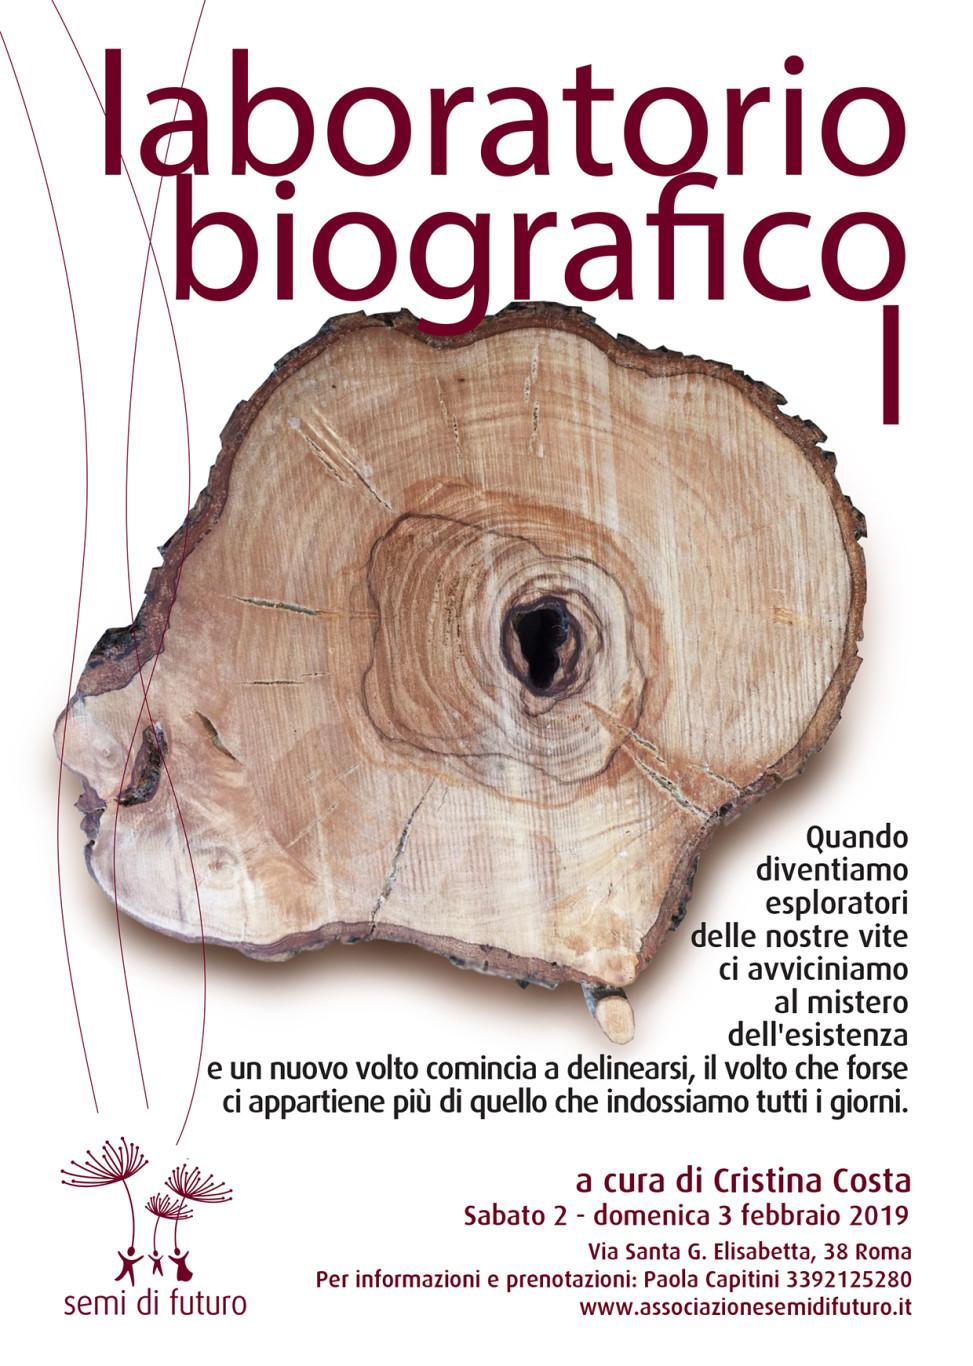 biografia1-2019